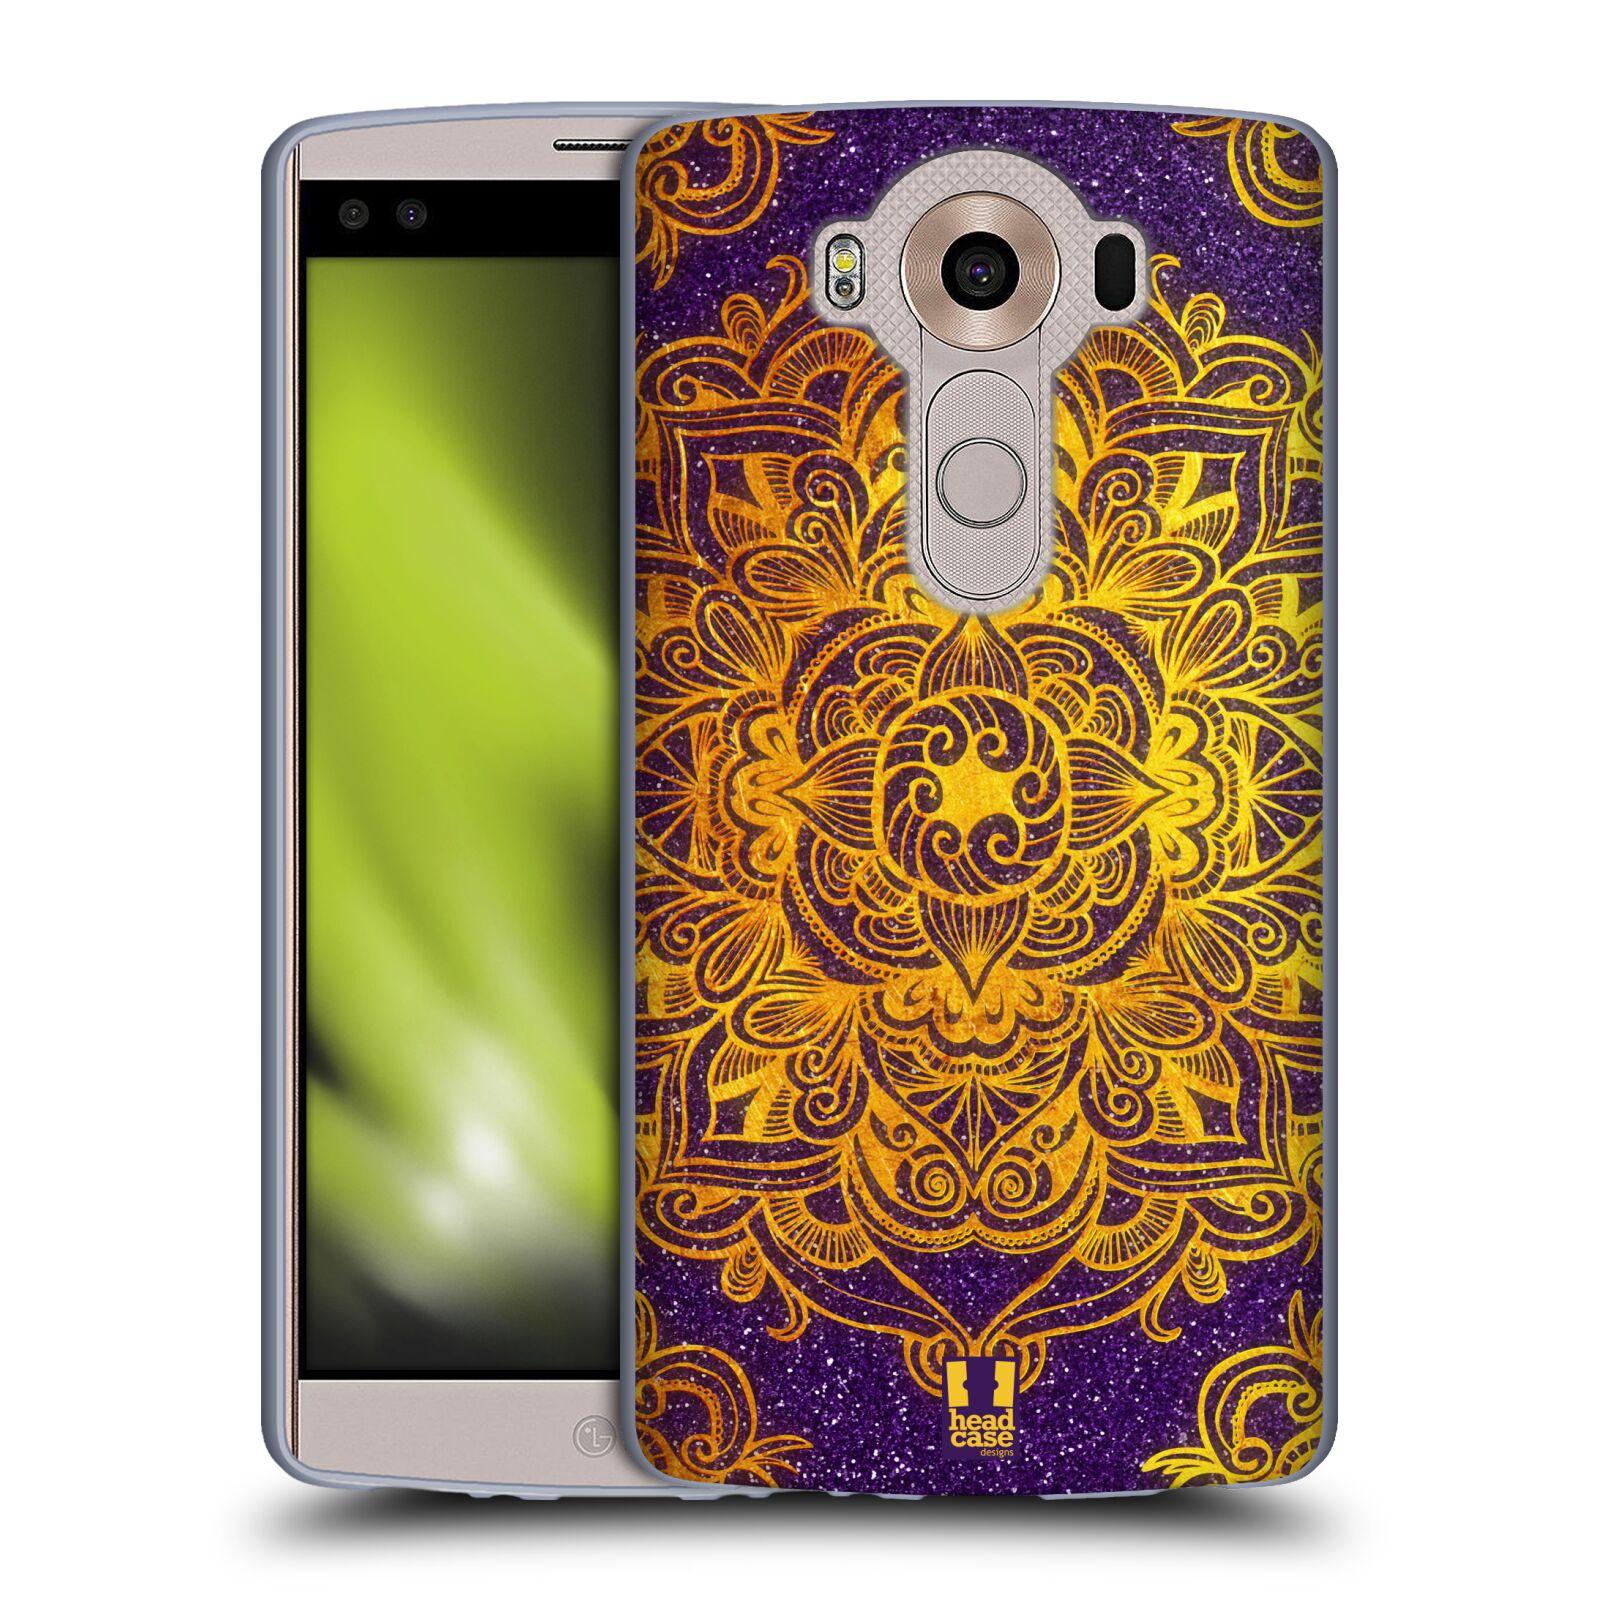 HEAD CASE silikonový obal na mobil LG V10 (H960A) vzor Indie Mandala slunce barevná ZLATÁ A FIALOVÁ